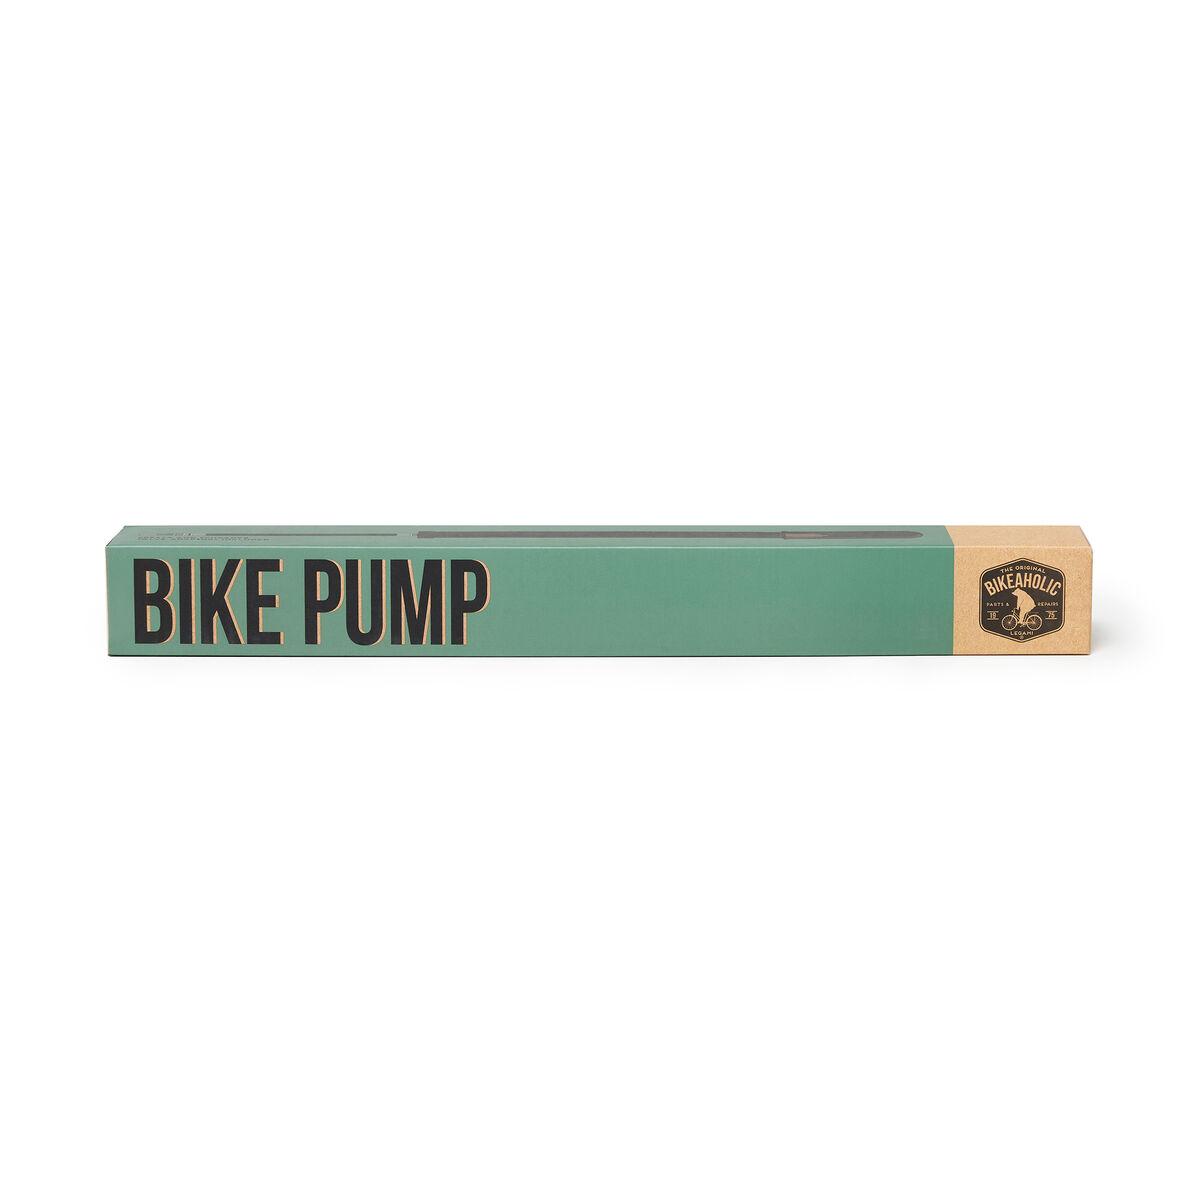 Pompa per Bicicletta, , zoo